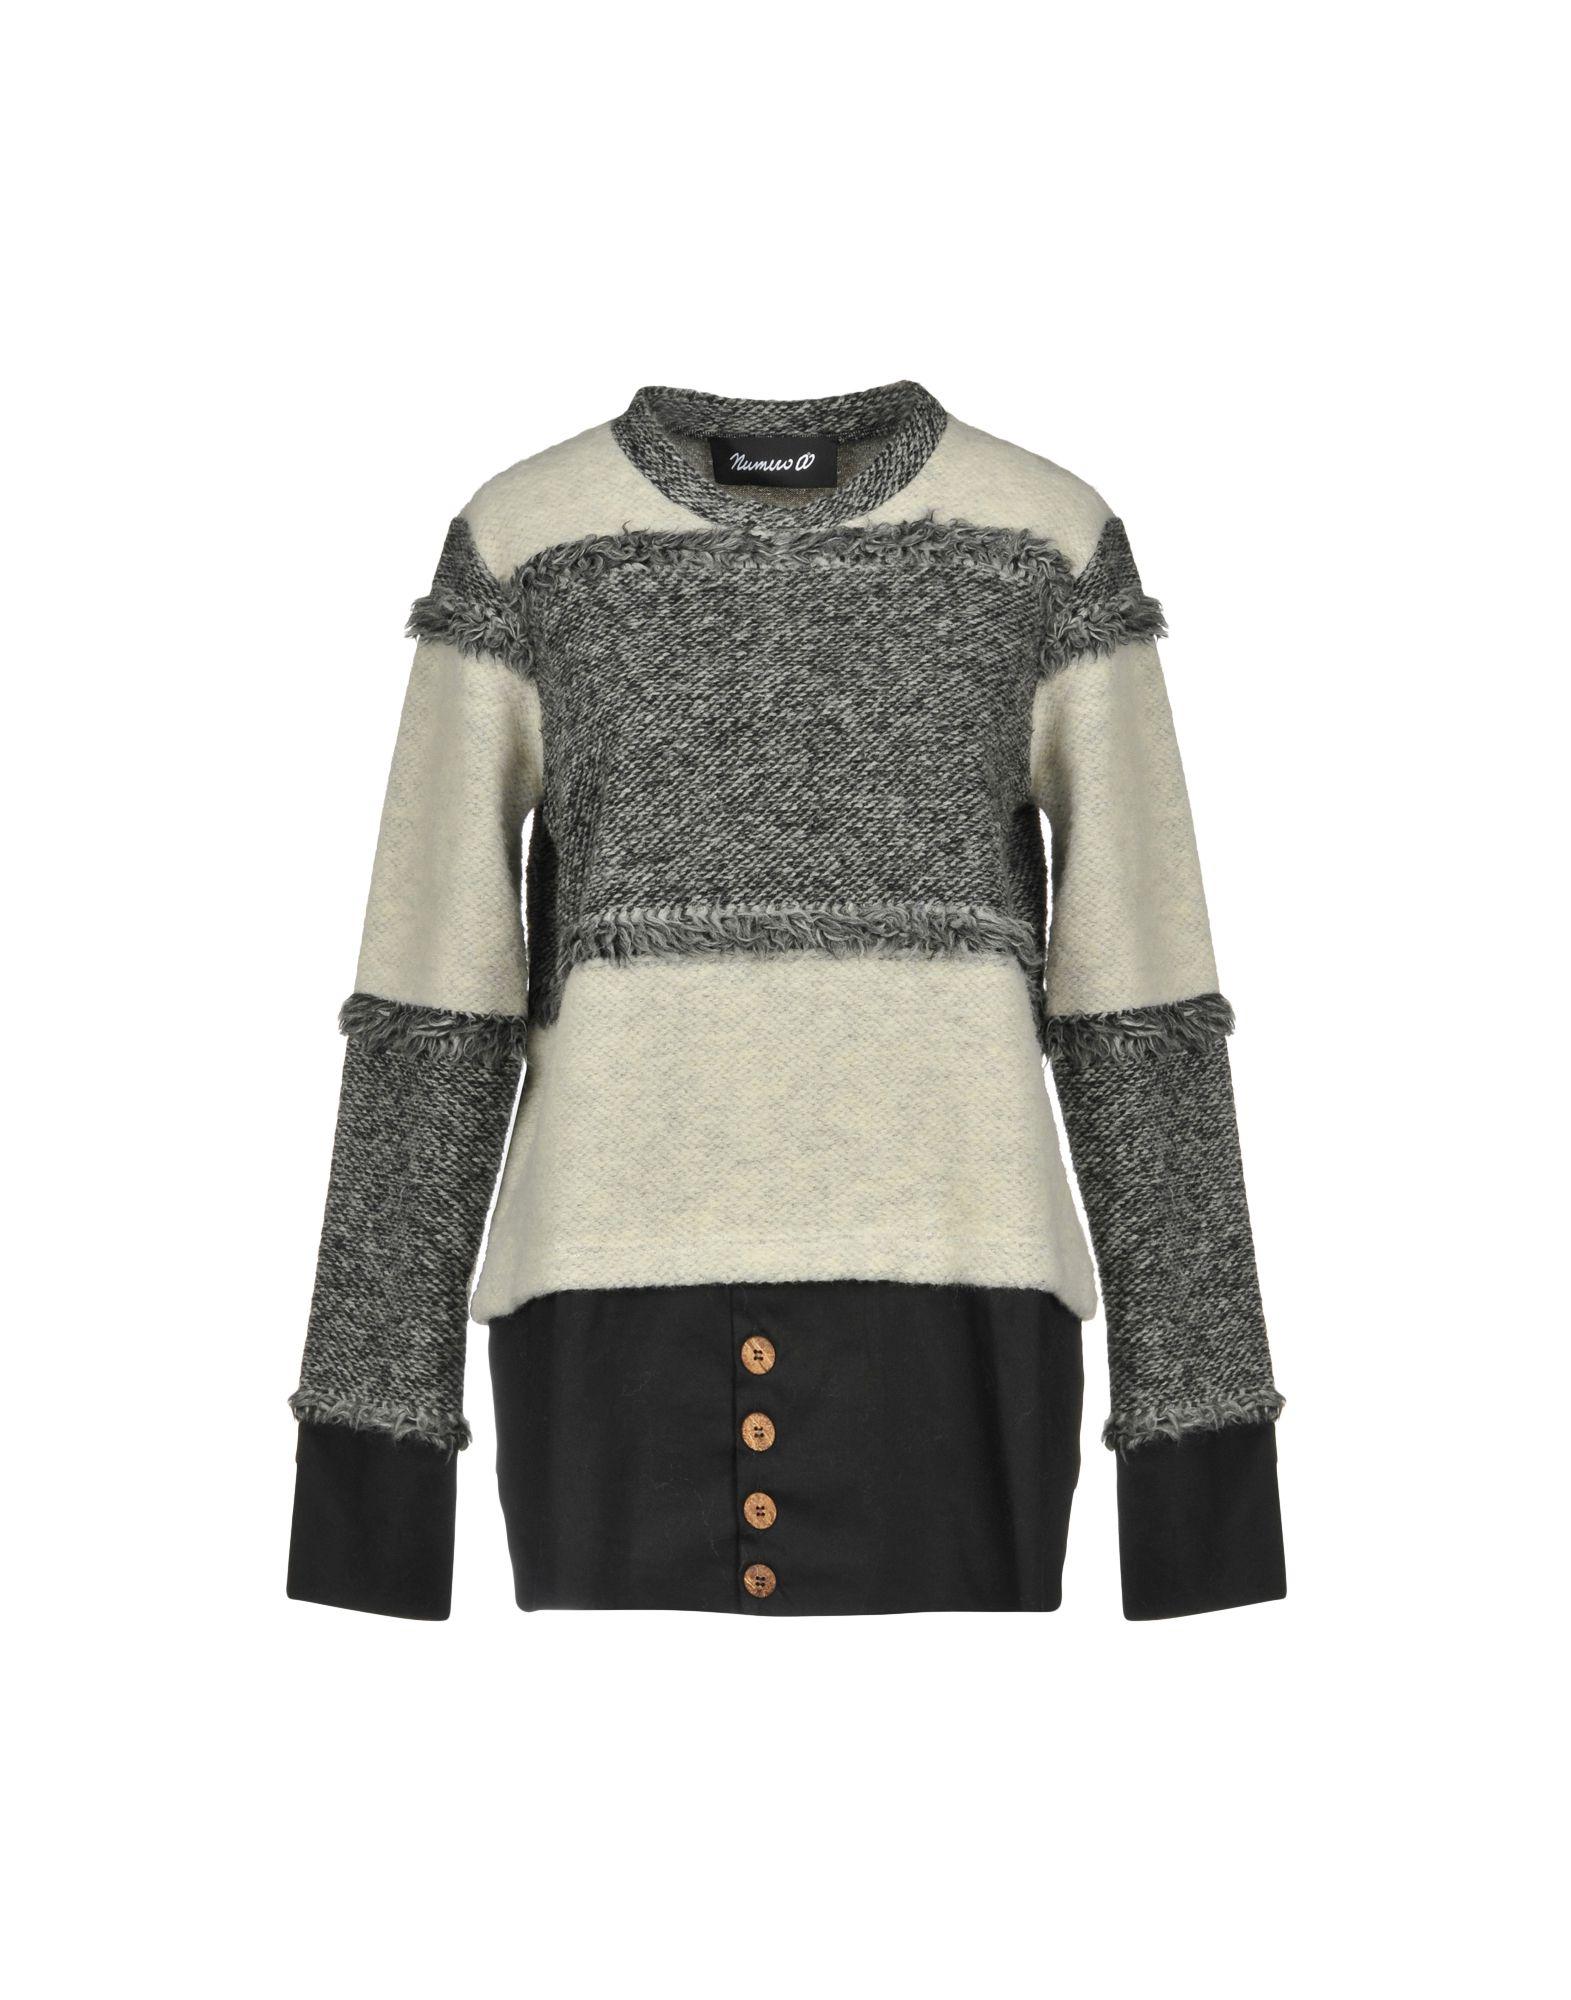 NUMERO 00 Sweater in Black